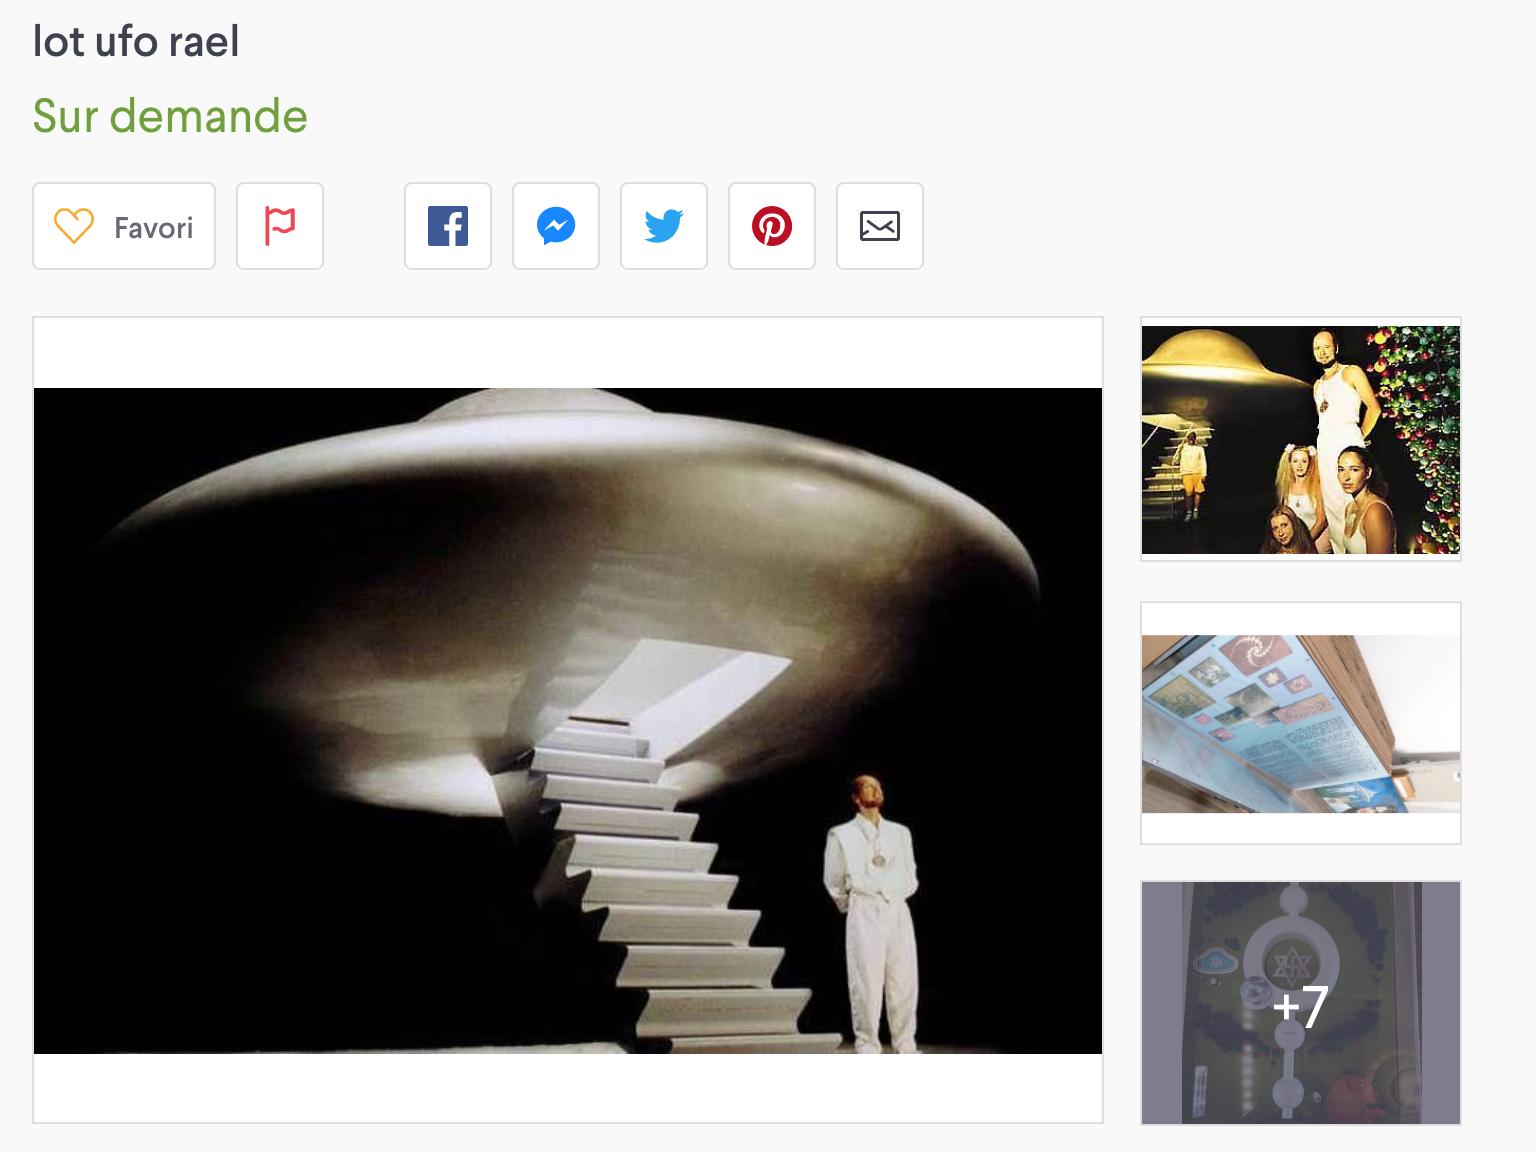 La «soucoupe volante» de Raël pourrait être à